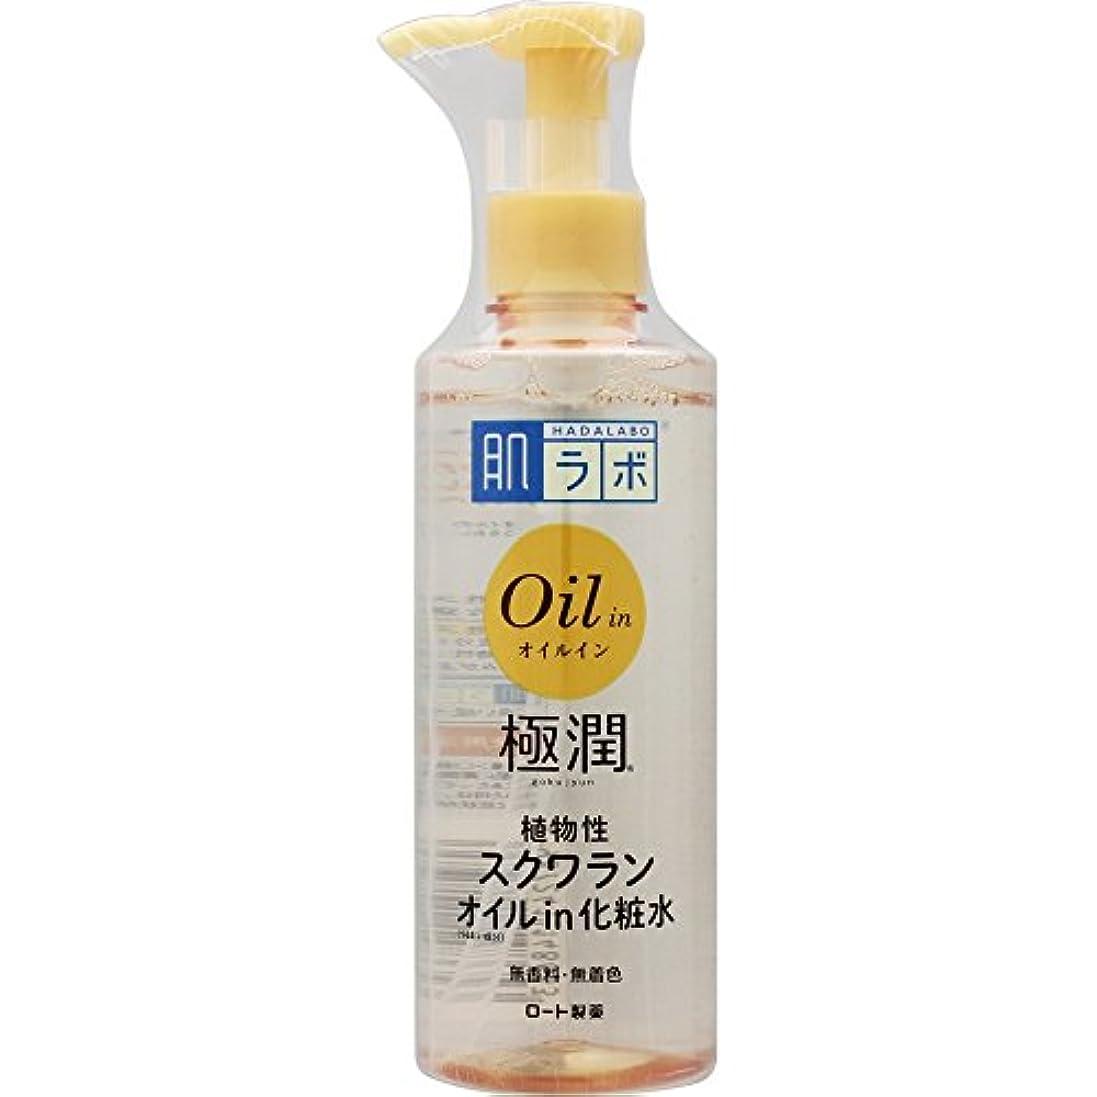 お金知る裁判官肌ラボ 極潤オイルイン化粧水 植物性スクワランオイル配合 220ml